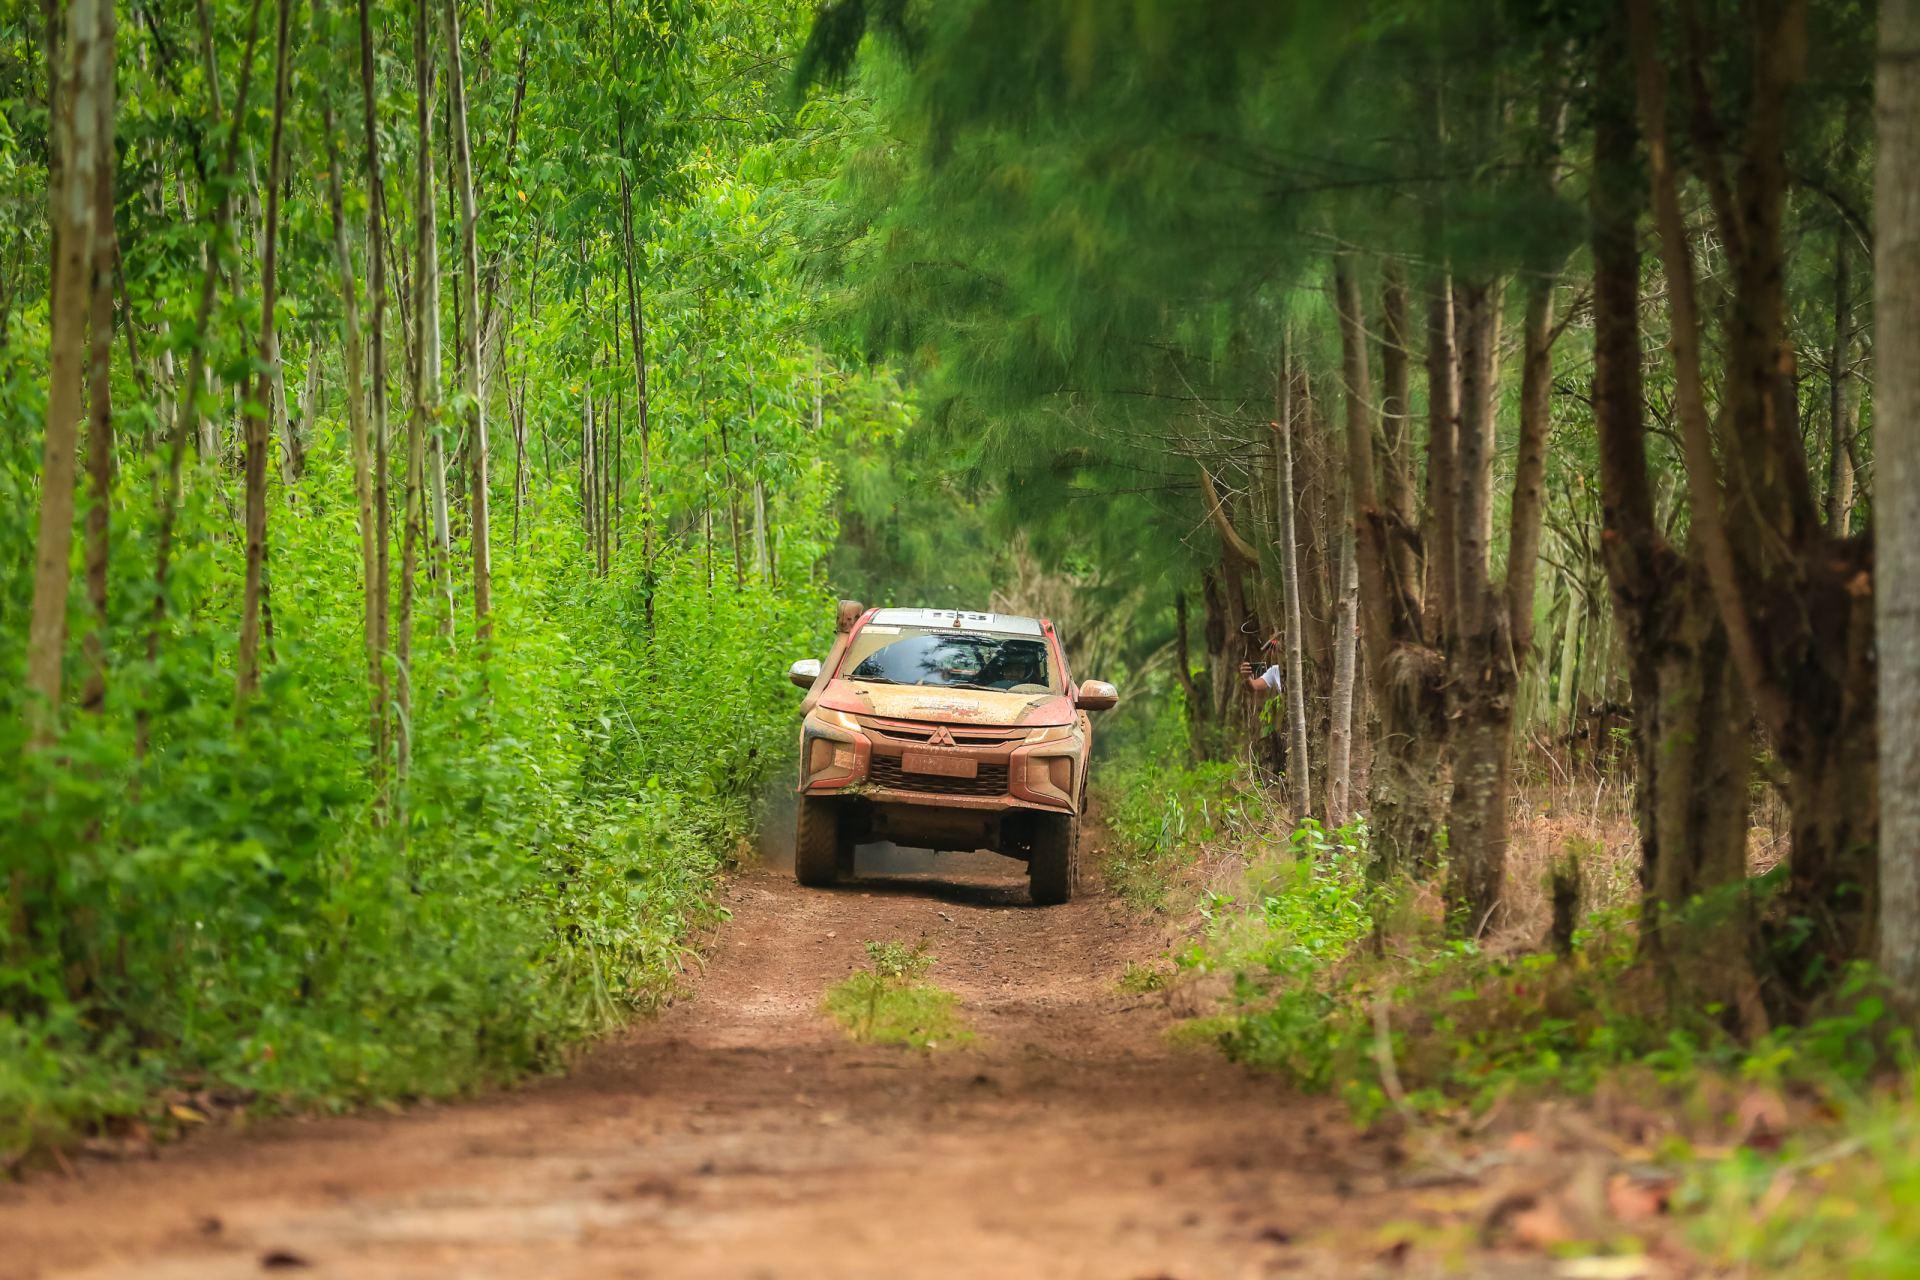 Racing AKA đạt thành tích cao tại giải đua địa hình Asian Cross Country Rally 2019 - 09